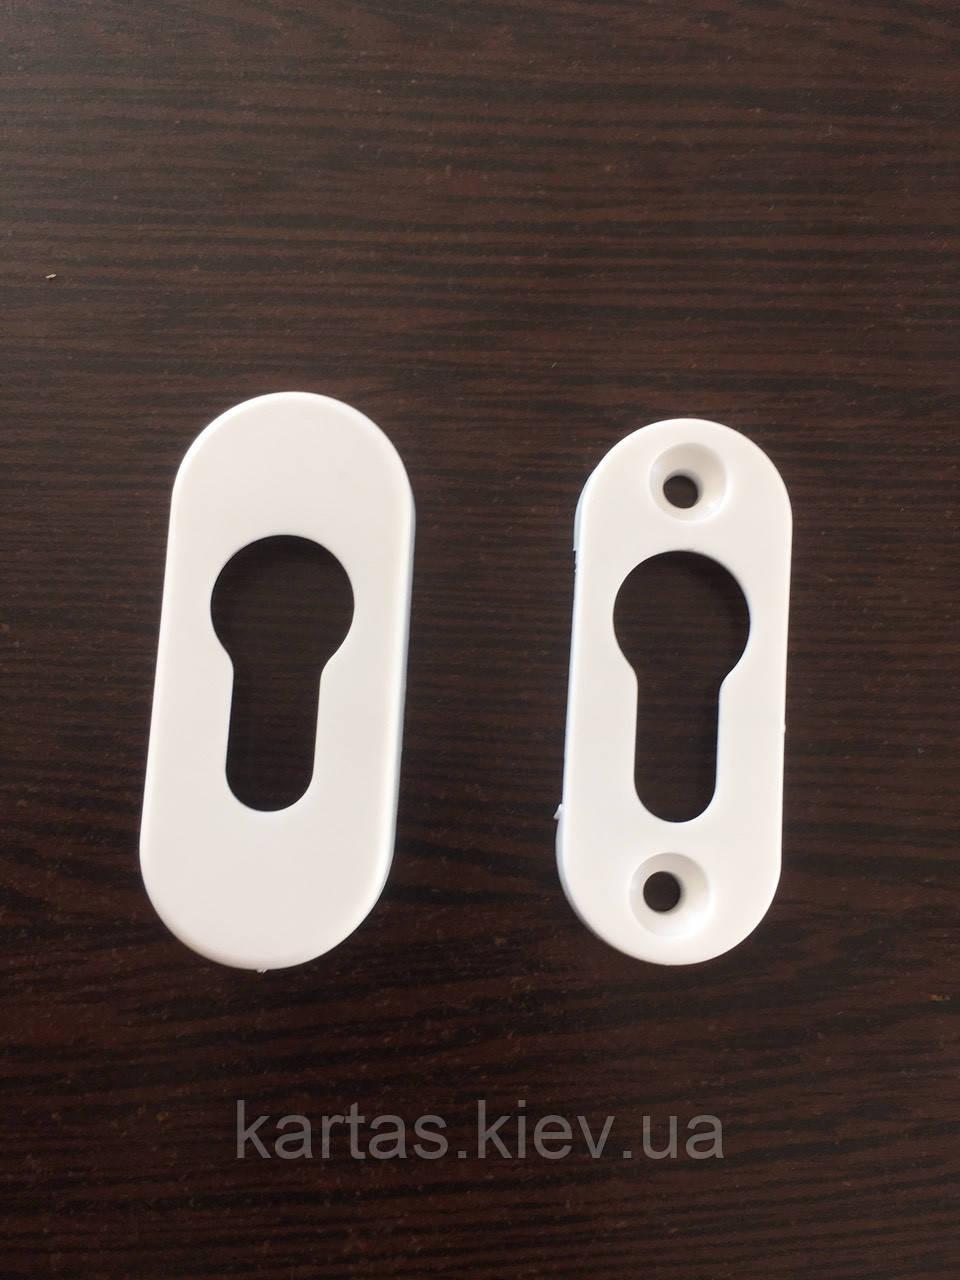 Накладка для замочной сердцевины пластиковая